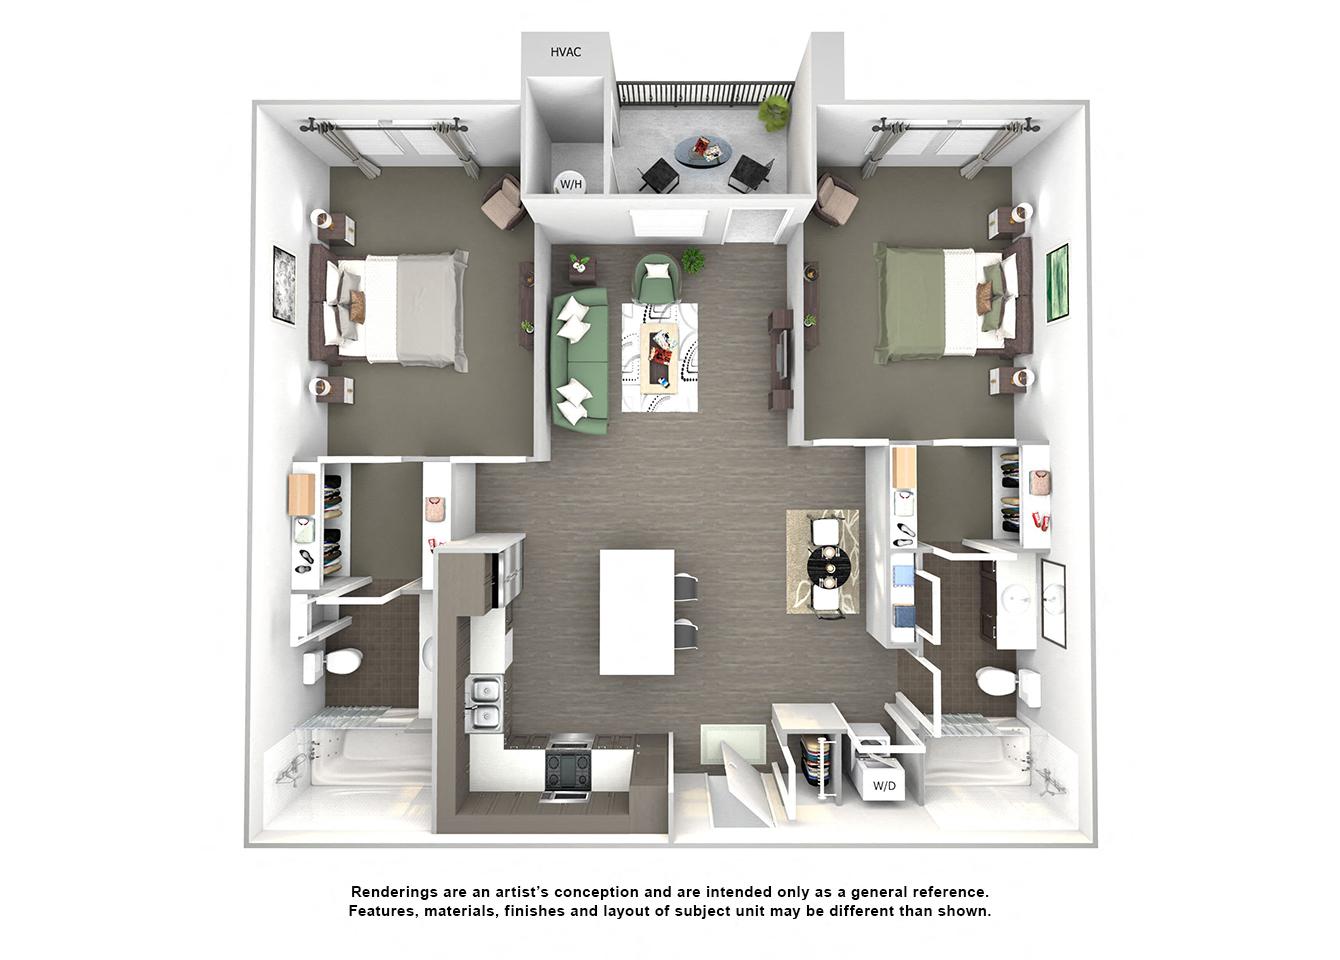 3d floor plan of B2 OBrien two bedroom